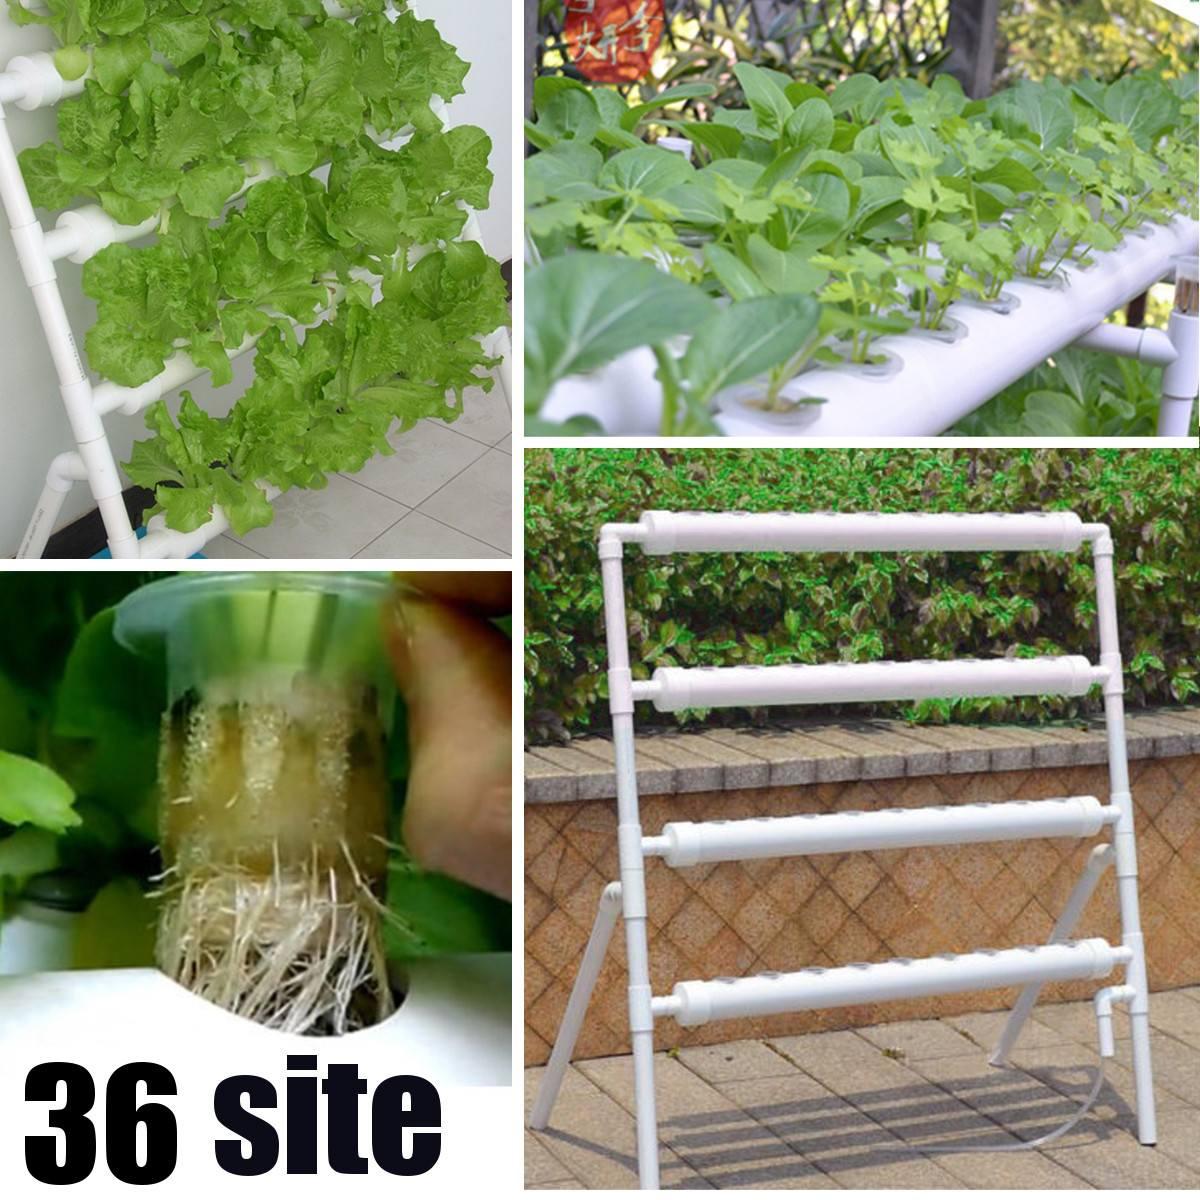 Kit de culture de Site hydroponique 36 Sites de plantation système de plantes de jardin boîte à outils de légumes Kits de culture de plantes hors sol